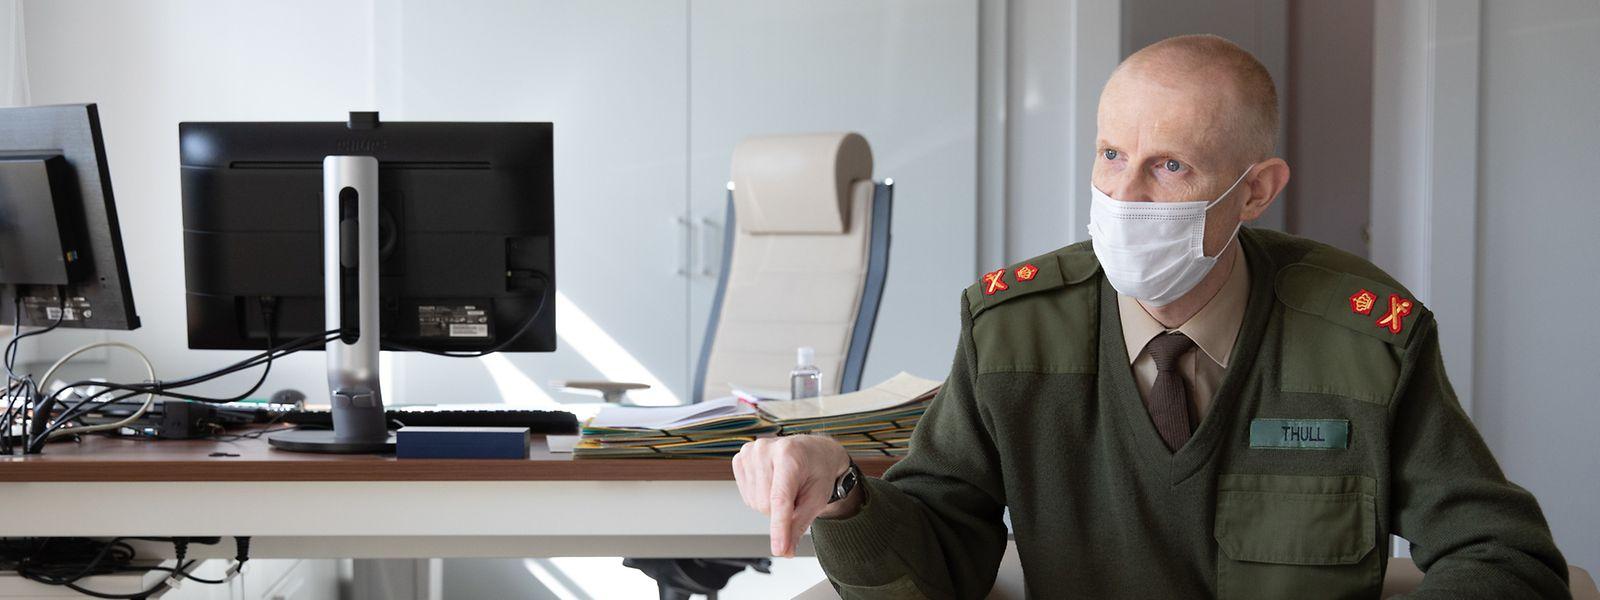 """""""La politique de cyberdéfense de l'armée luxembourgeoise n'a pas vocation à lancer des hostilités électroniques"""", précise le chef d'état-major, Steve Thull."""